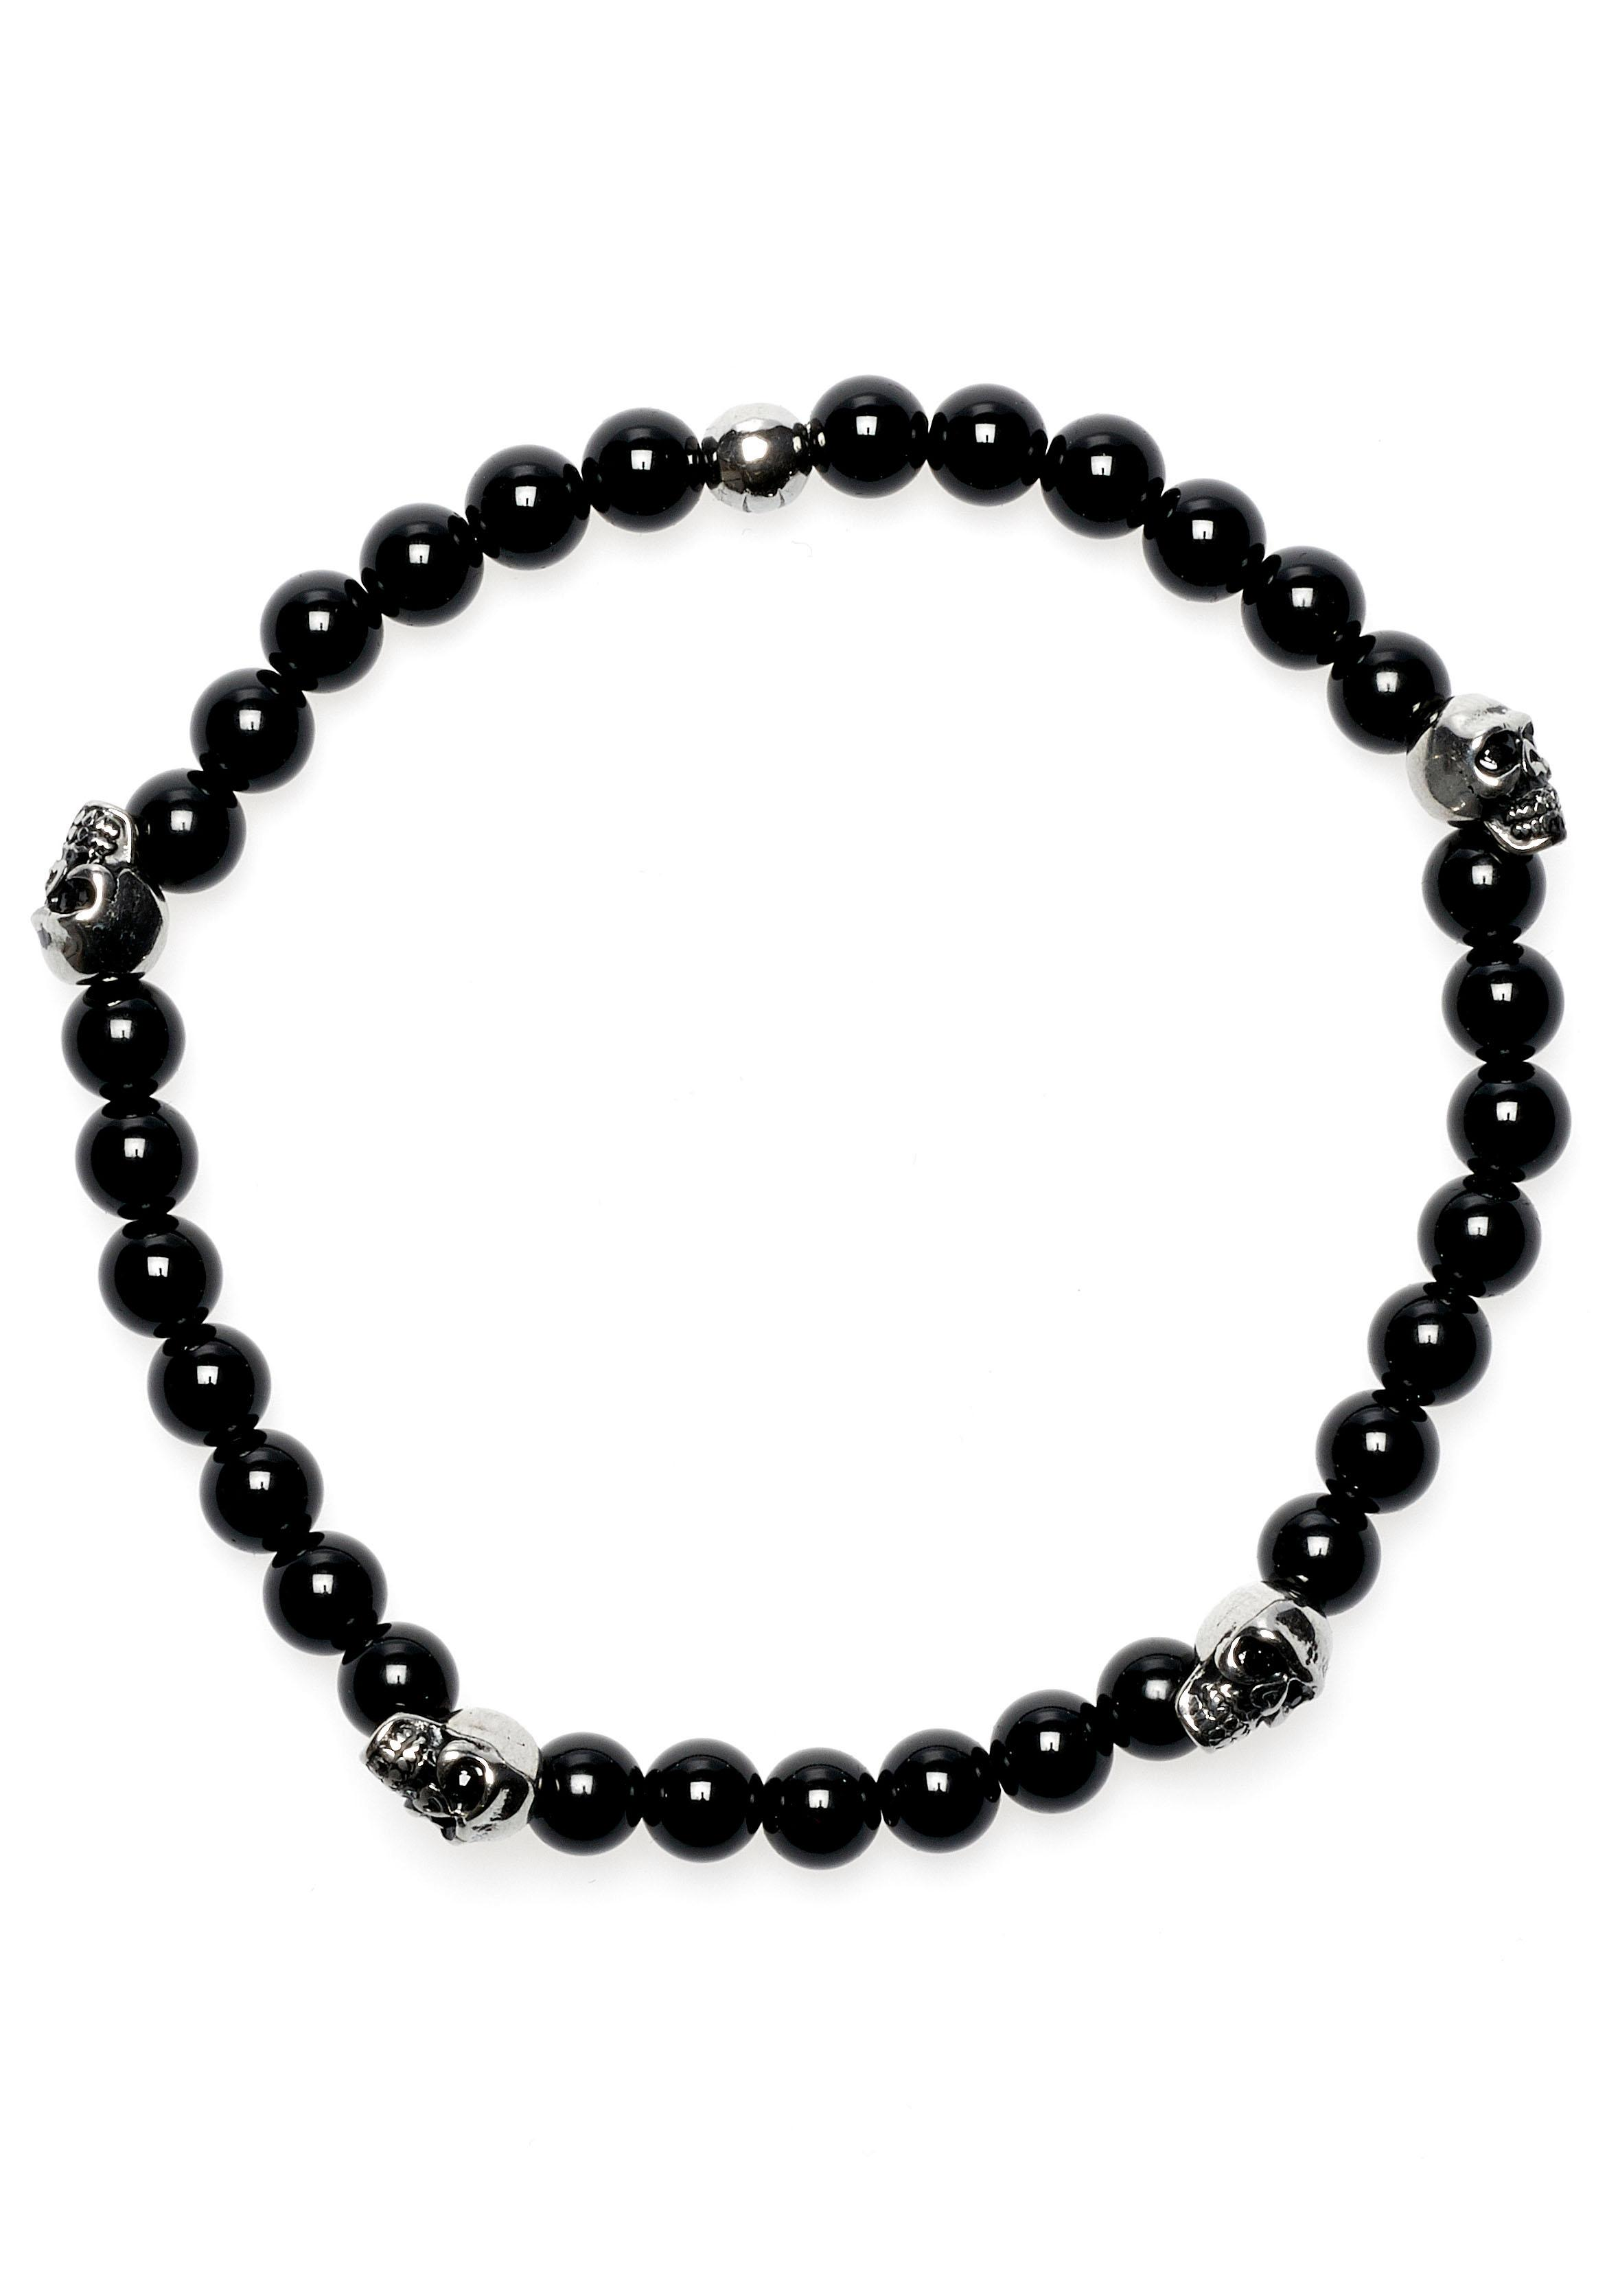 ROYAL EGO Armband Totenkopf - Lava Bead Skull black silver 1710 | Schmuck > Armbänder > Sonstige Armbänder | Royal Ego